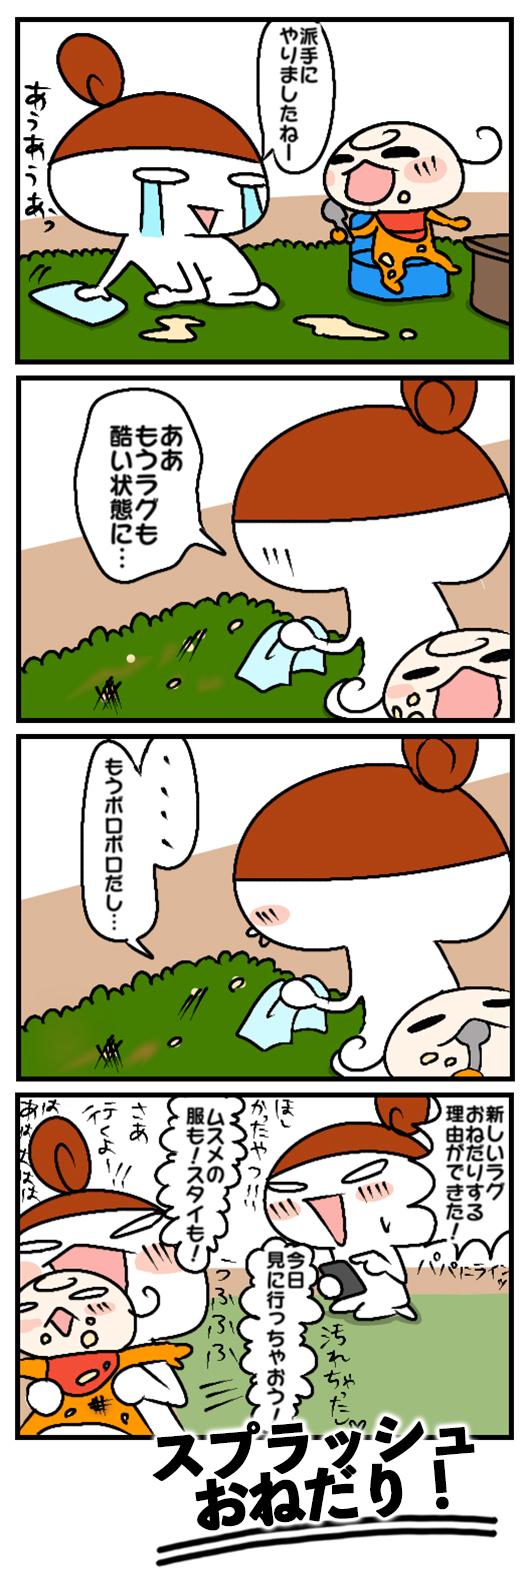 秘技!子育て奥義 選手権! 〜ちゃぶ台返し編〜の画像6